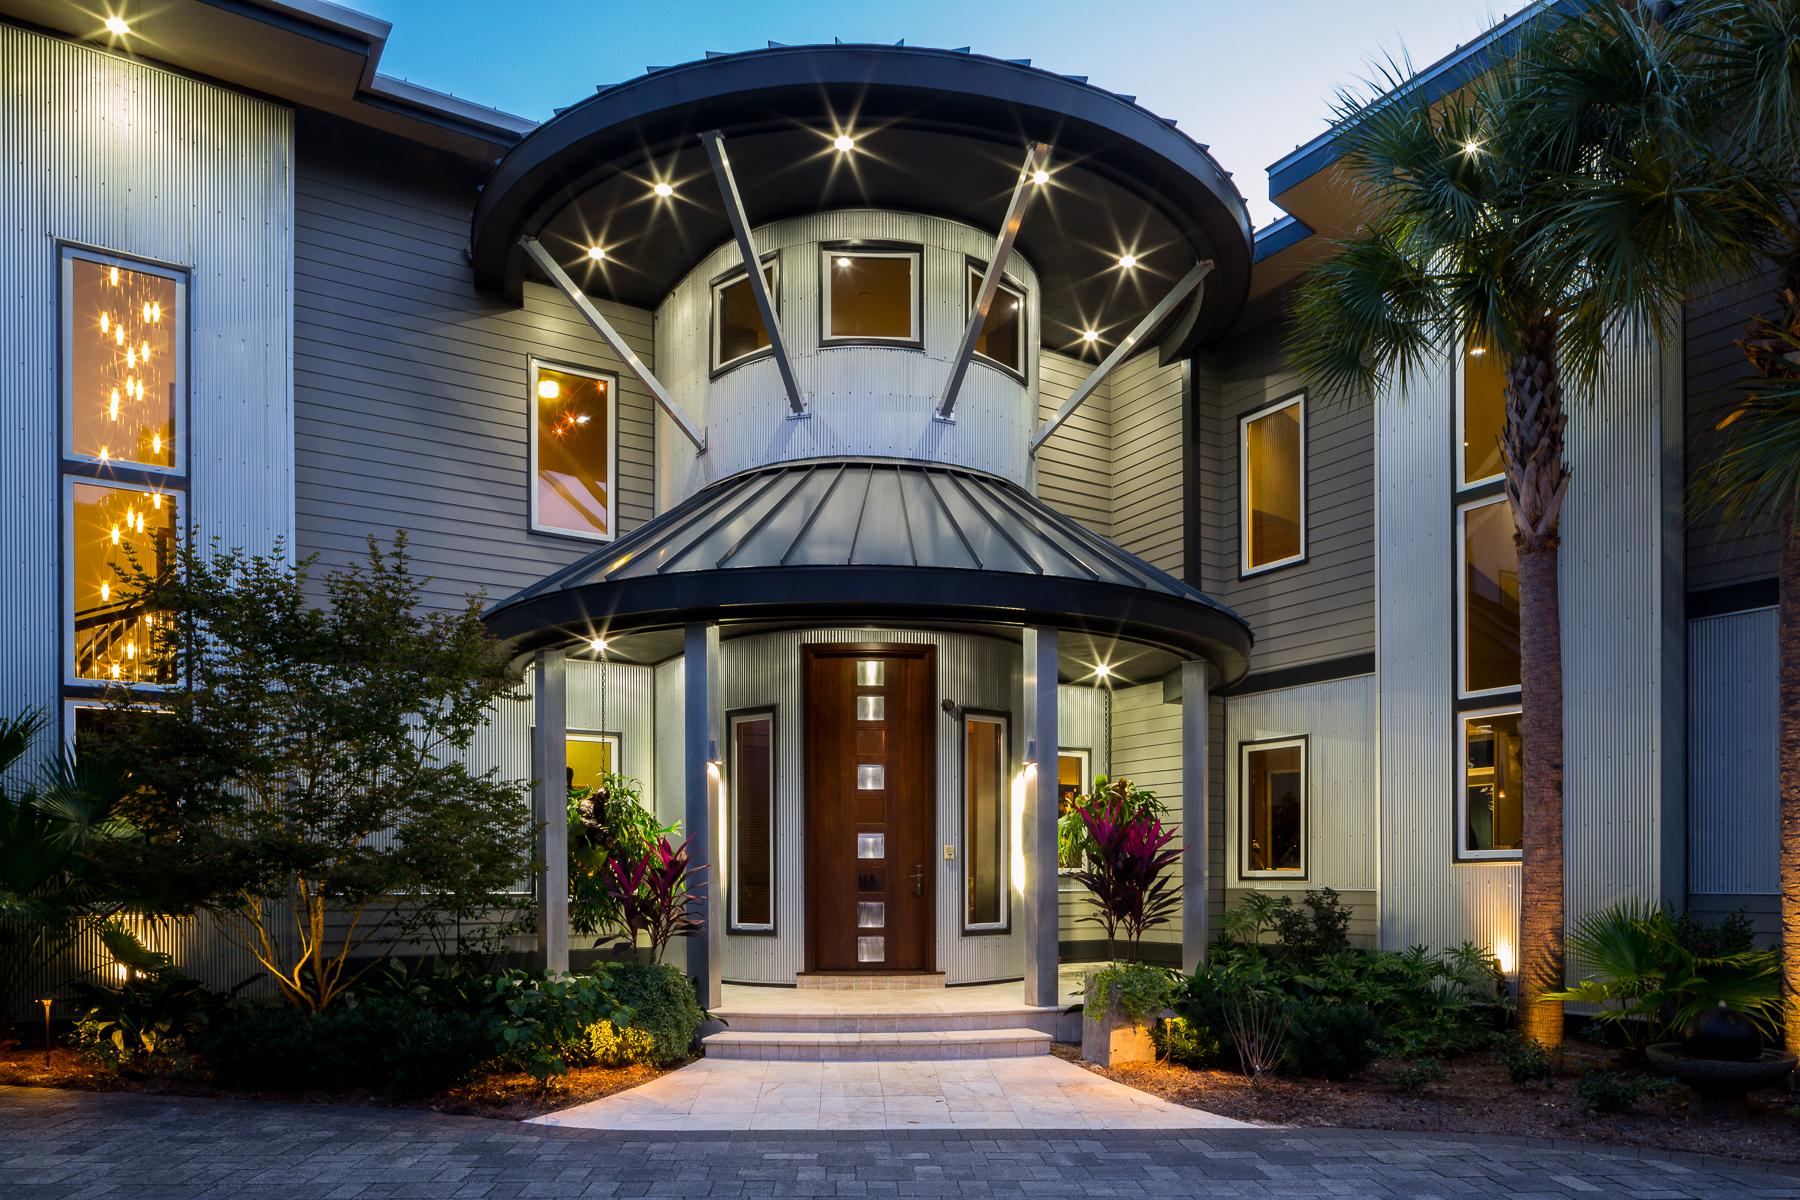 一戸建て のために 売買 アット MODERN WATERFRONT ESTATE OFFERS RARE PRIVACY ON UNIQUE SITE 1465 W County Highway 30A Santa Rosa Beach, フロリダ, 32459 アメリカ合衆国